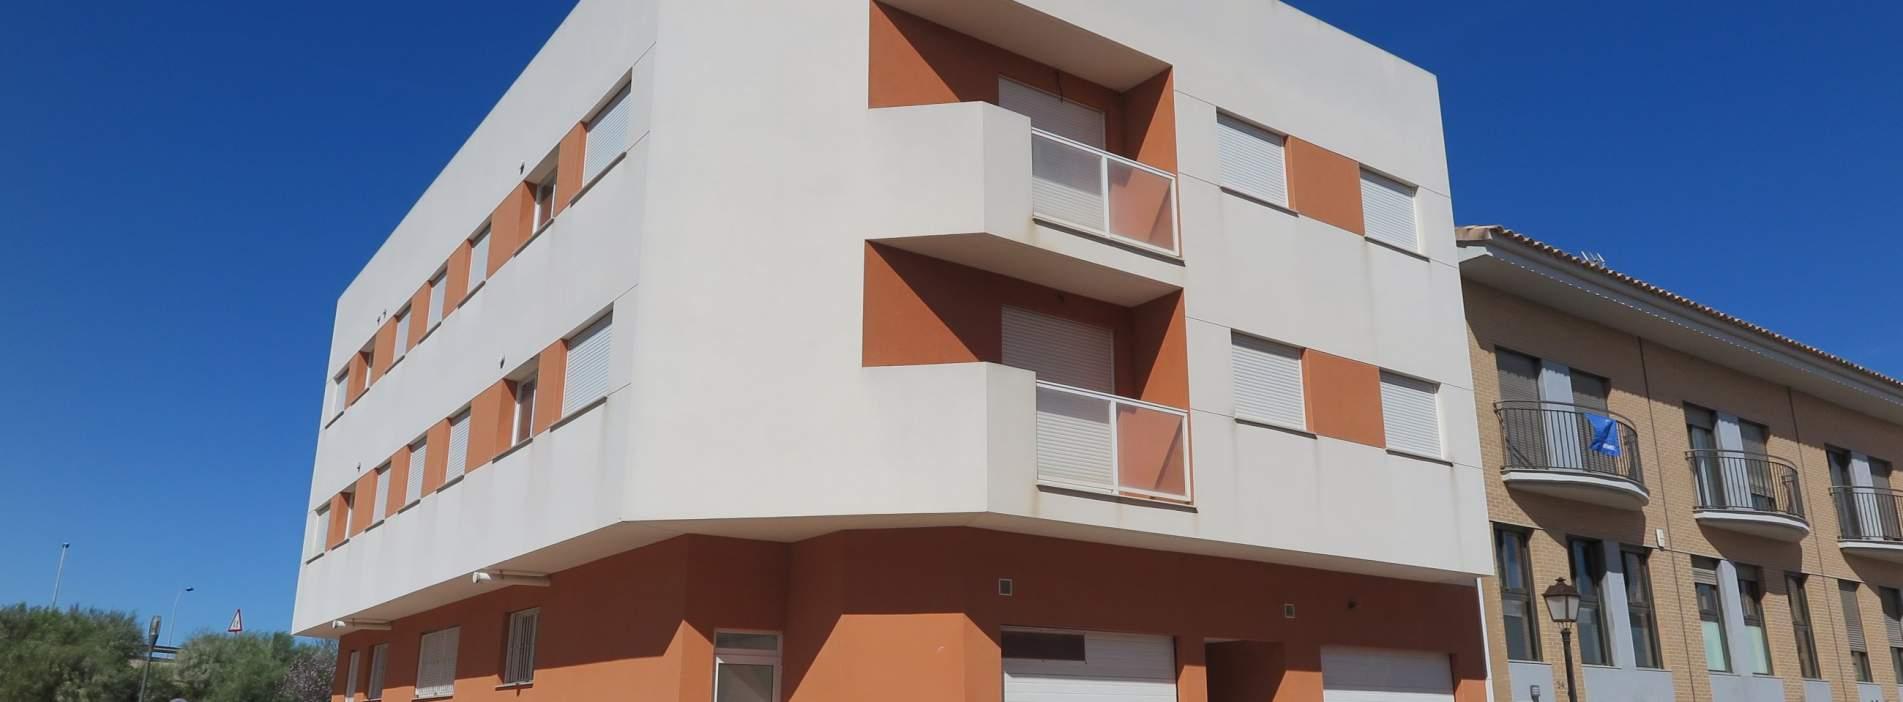 Viviendas de reciente construcción en Favara, Valencia - Av. Mediterranea